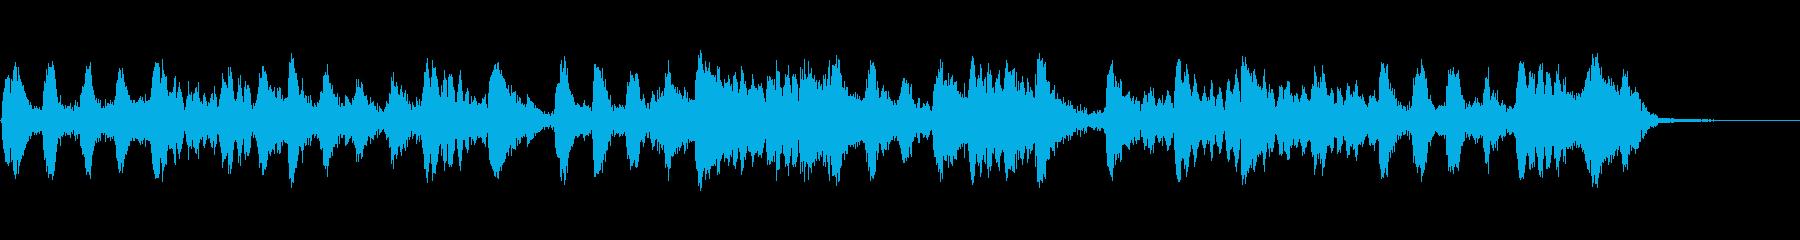 制御不能な文字列とピアノの再生済みの波形